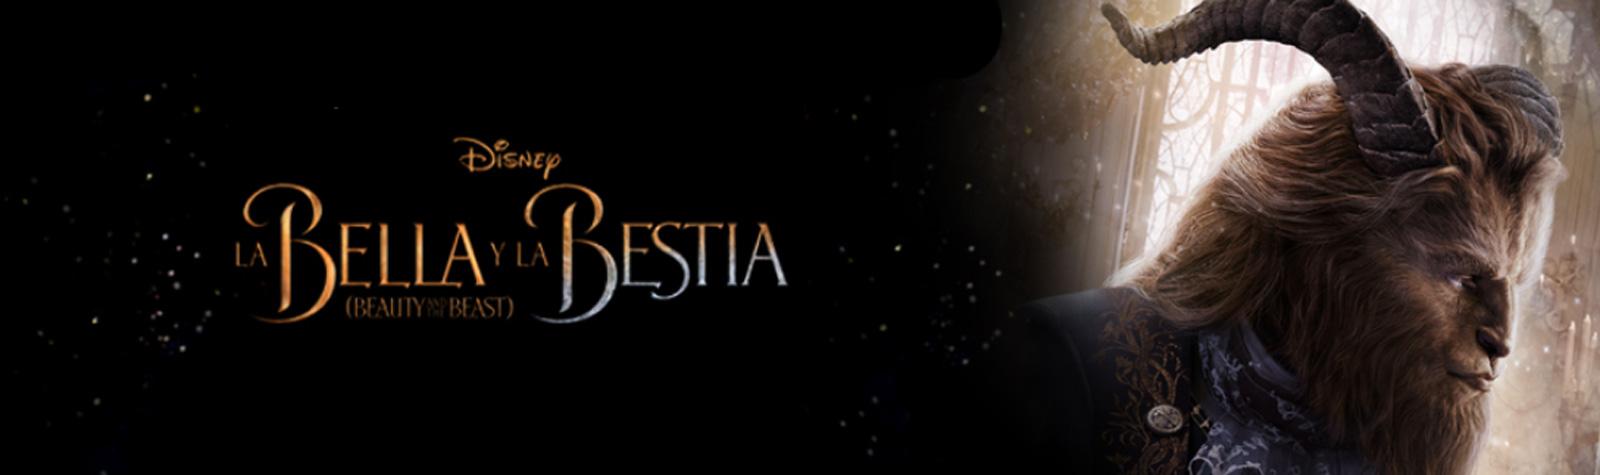 Una sorpresa de Interflora para celebrar el estreno de La Bella y la Bestia